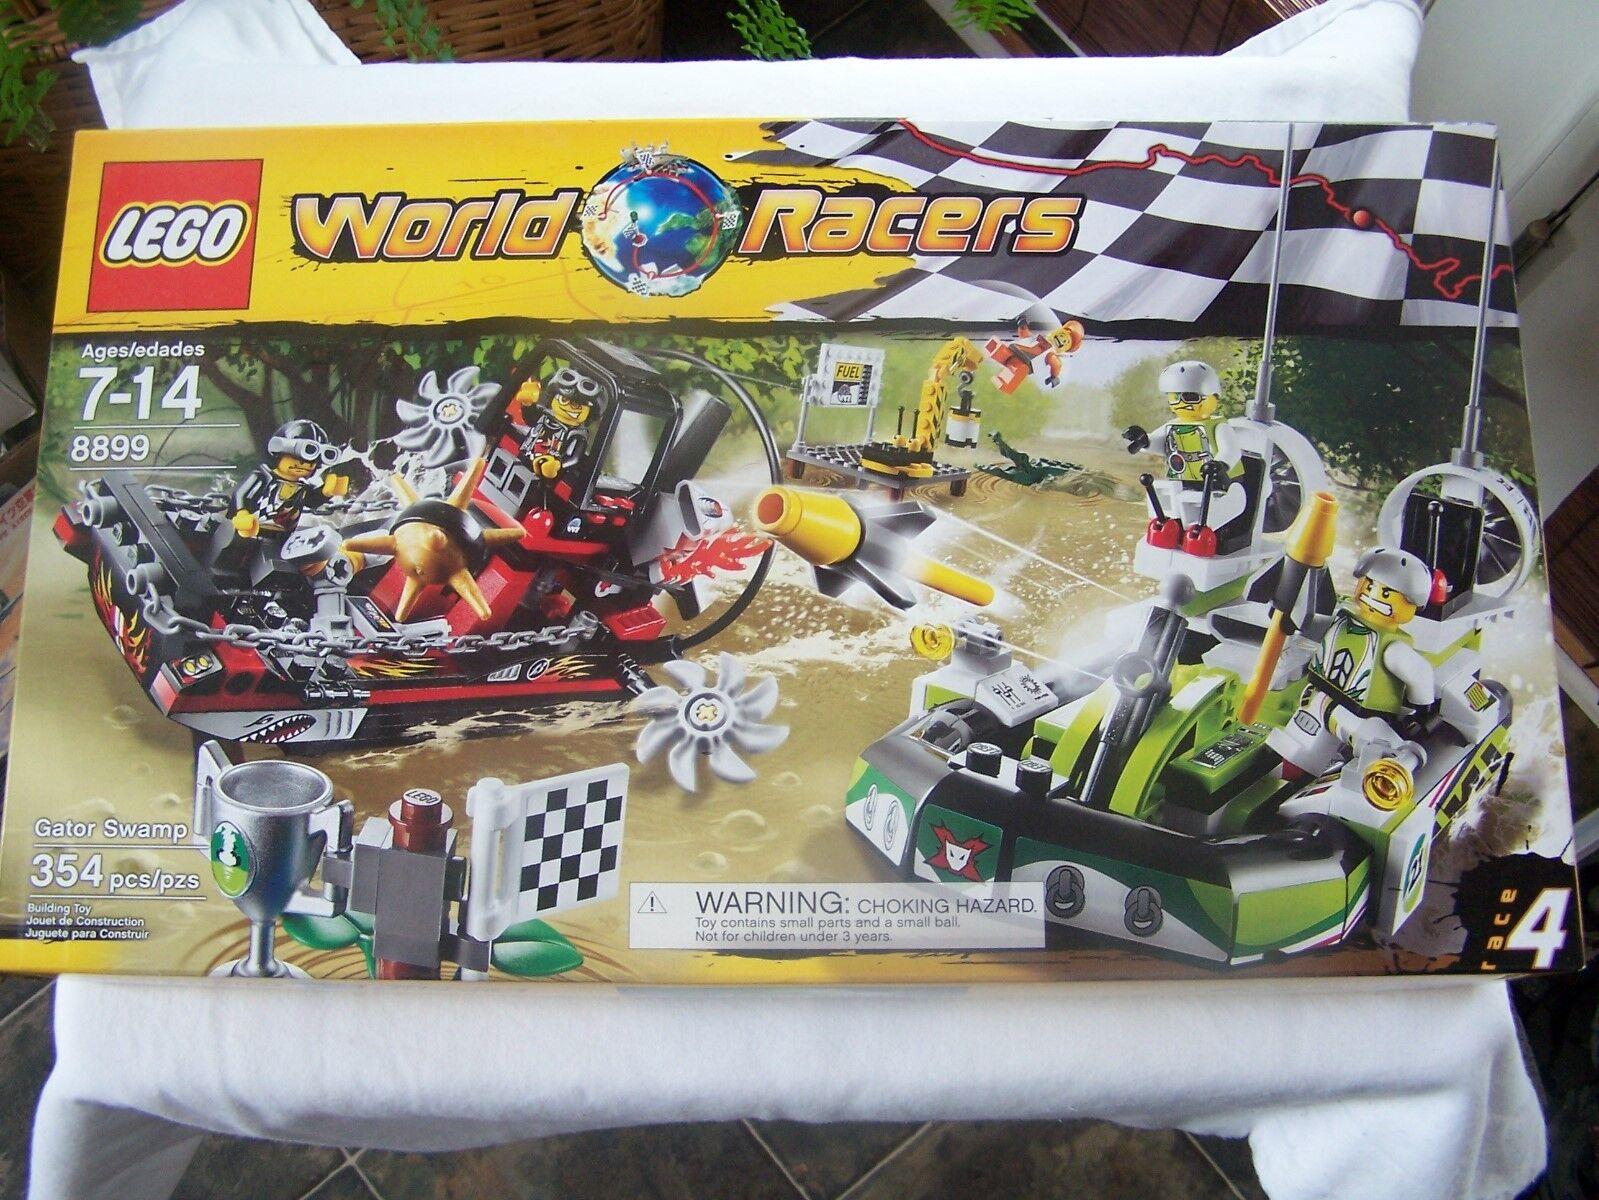 Lego 8899 Gator Swamp World Racers MISB New Sealed